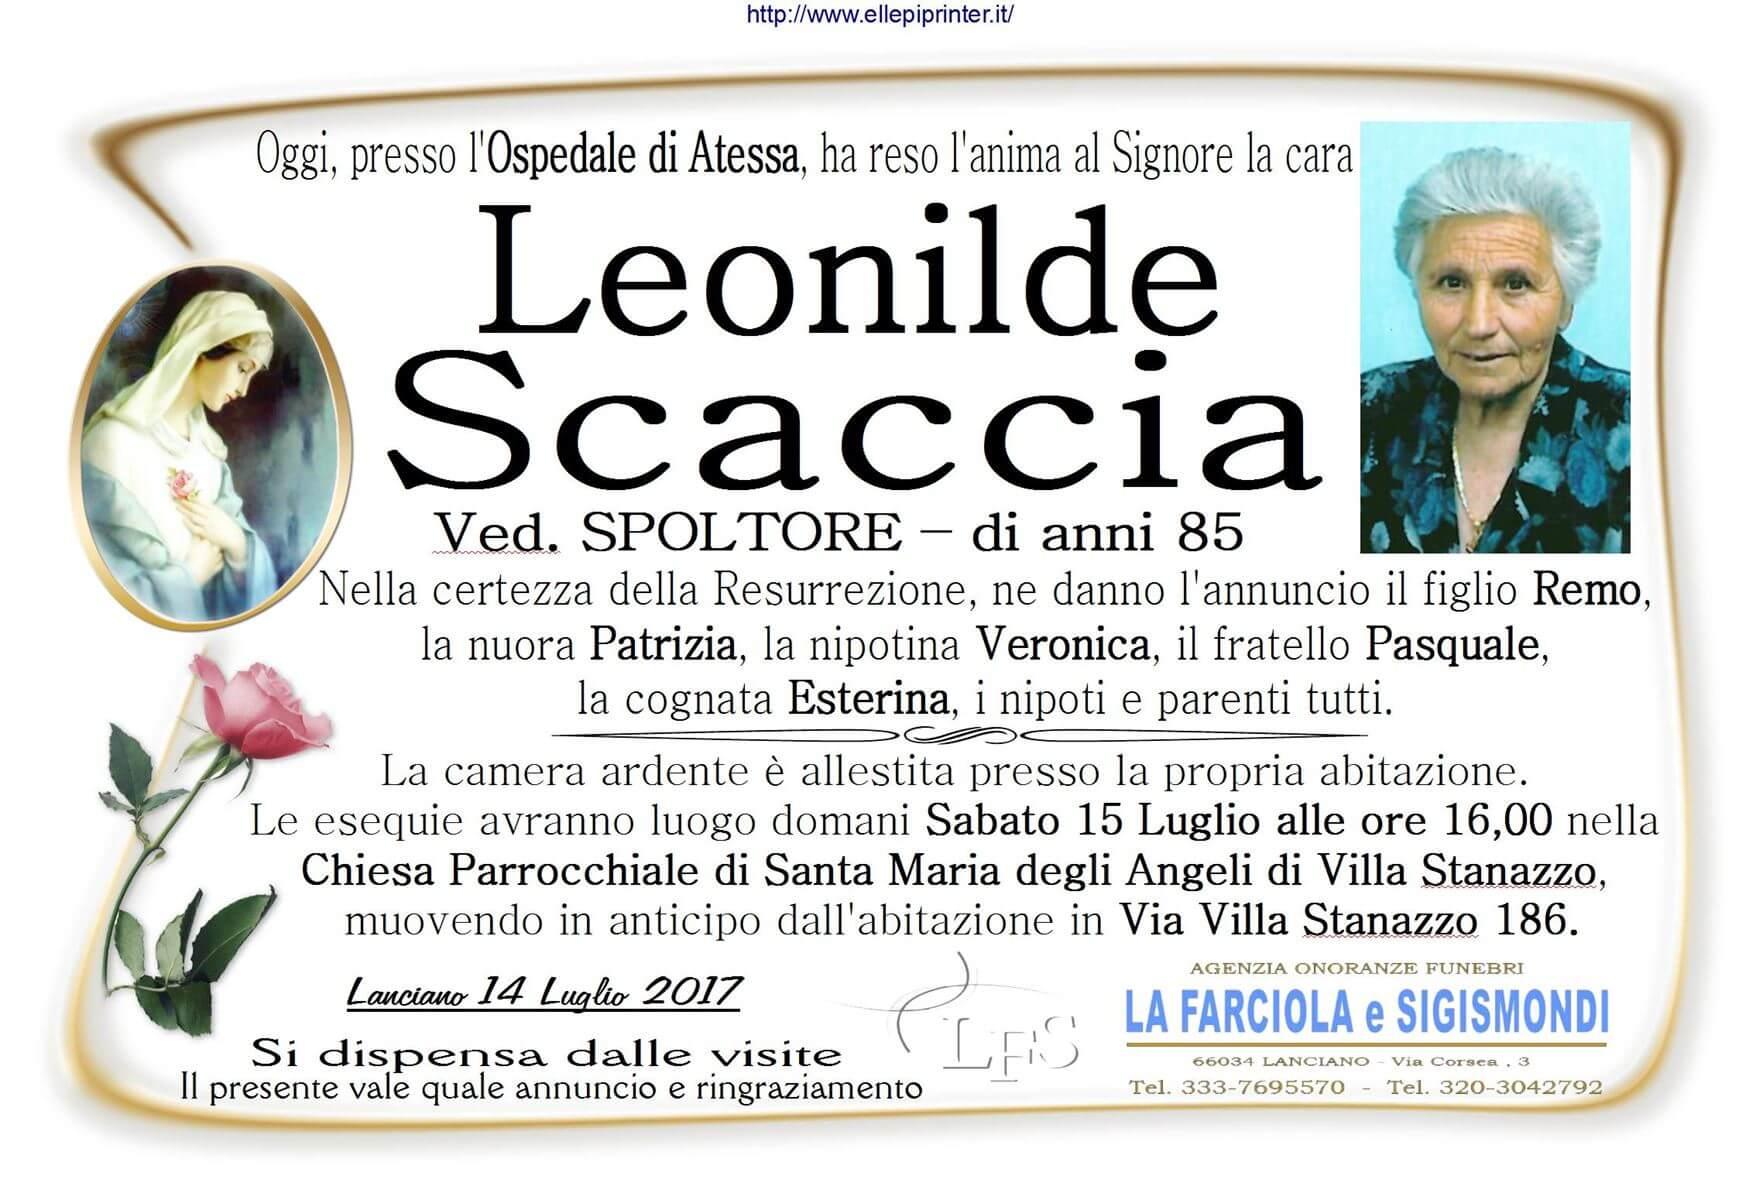 Necrologio Lanciano - Leonilde Scaccia